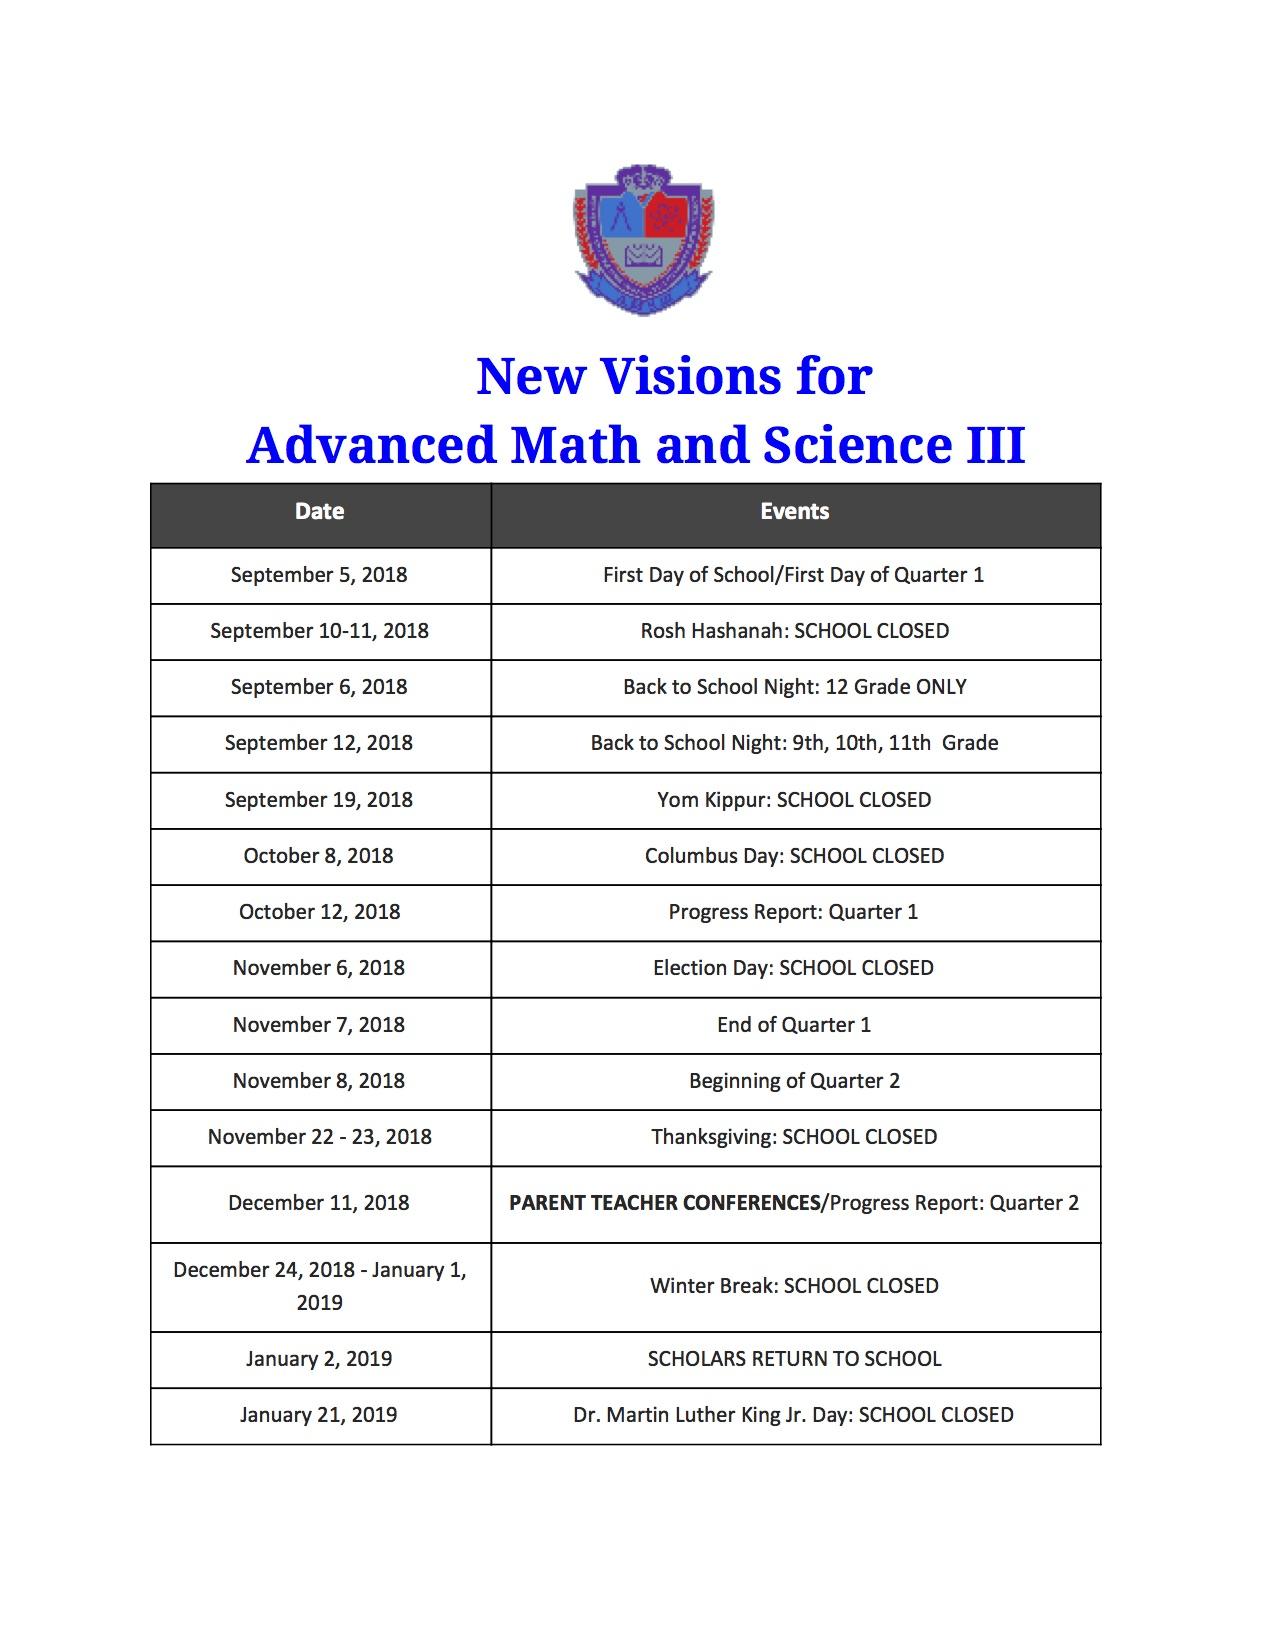 Ams Iii School Calendar New Visions For Public Schools